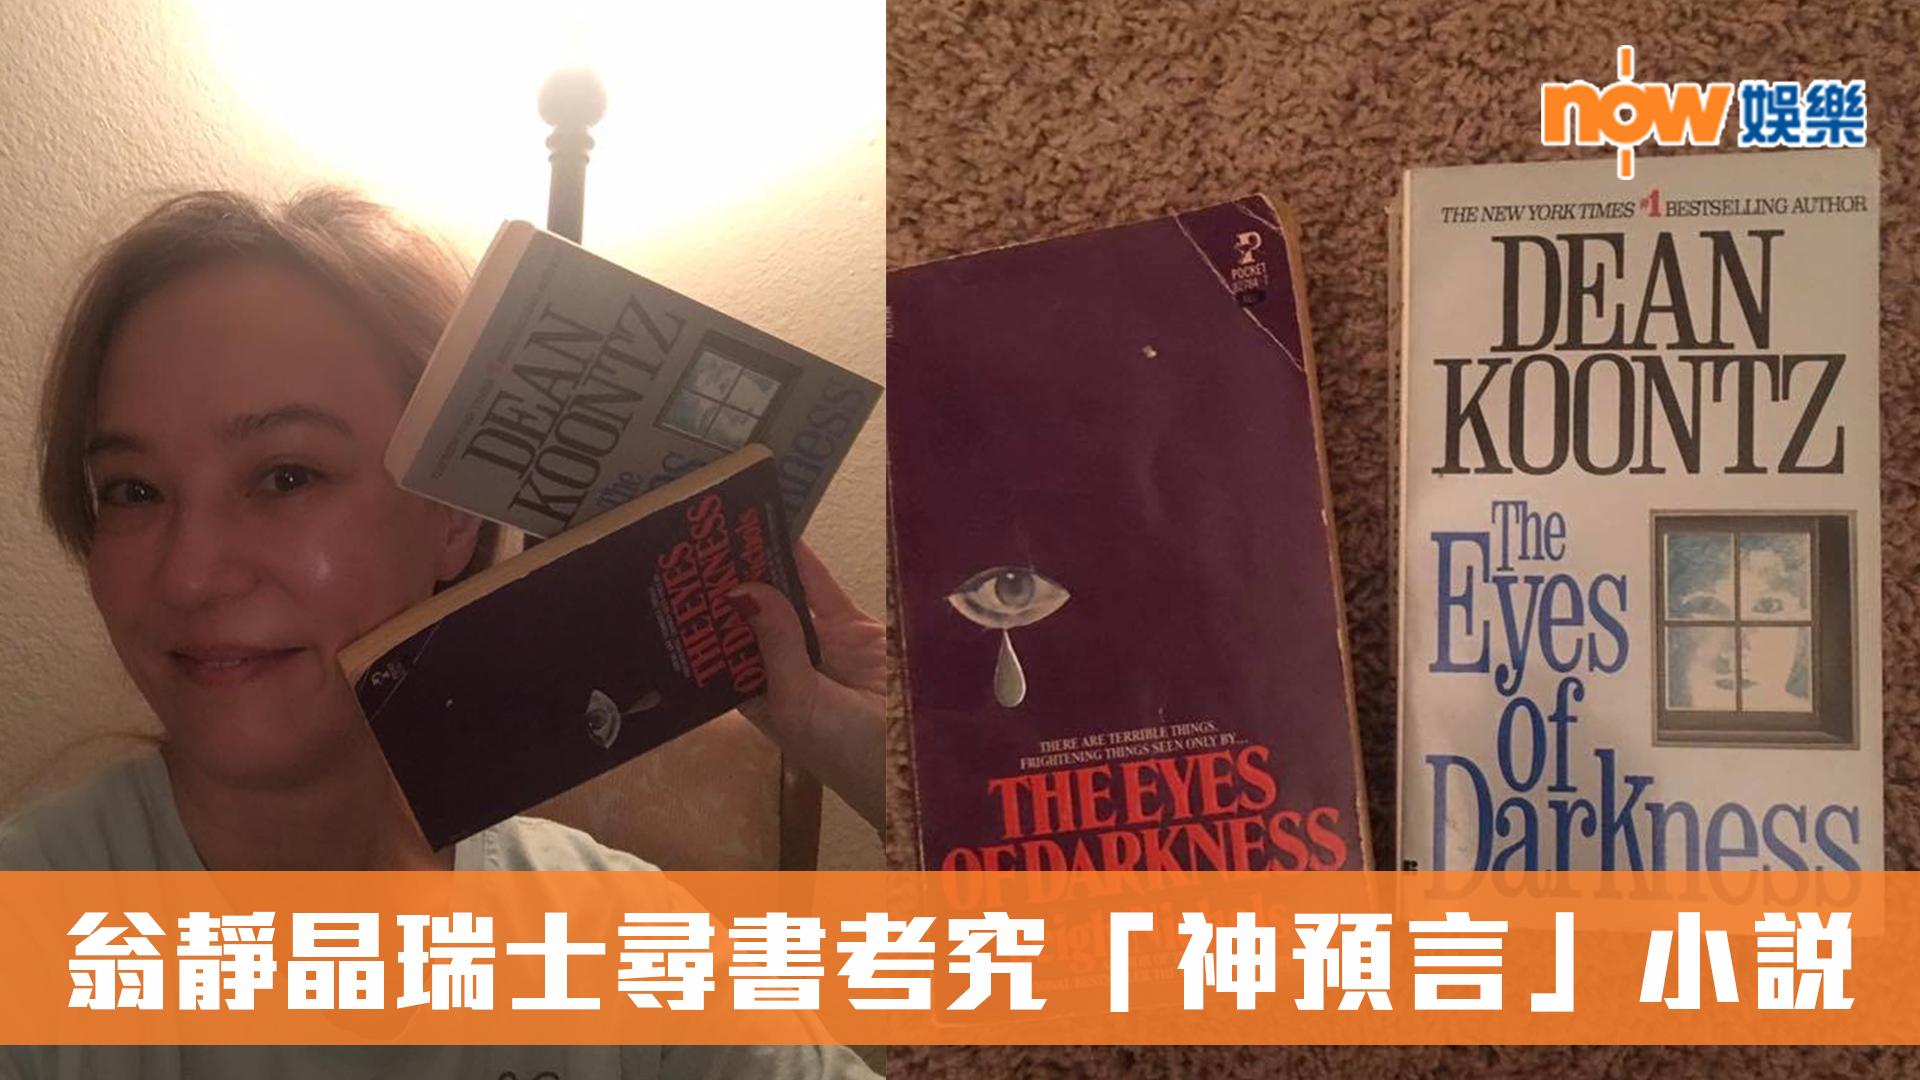 80年代科幻小說提及武漢實驗室病毒 翁靜晶瑞士尋書考究